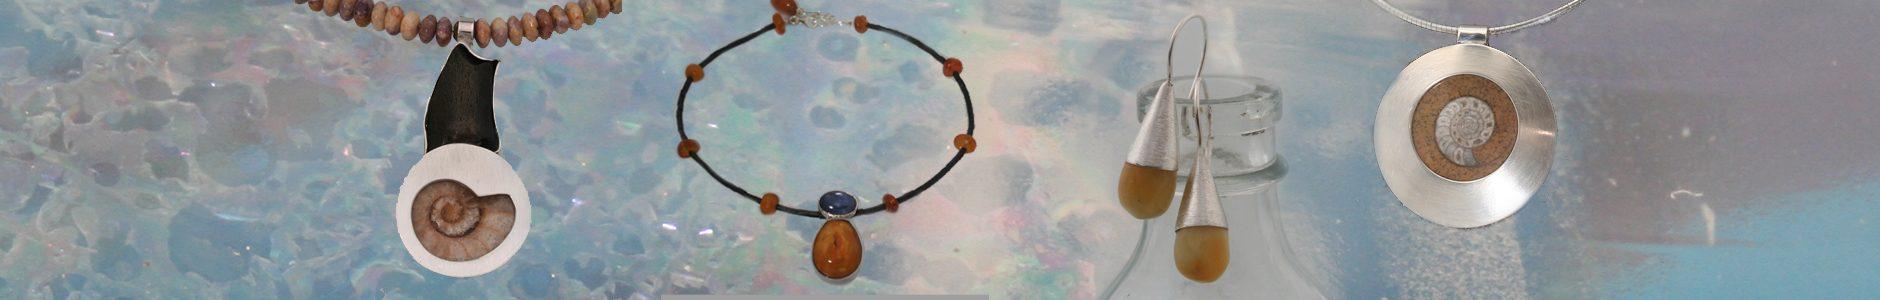 Een collier met een ammoniet en jaspis kralen, een collier van barnsteen, kyaniet en serpentijn, barnsteen oorhangers, een hanger met ammoniet